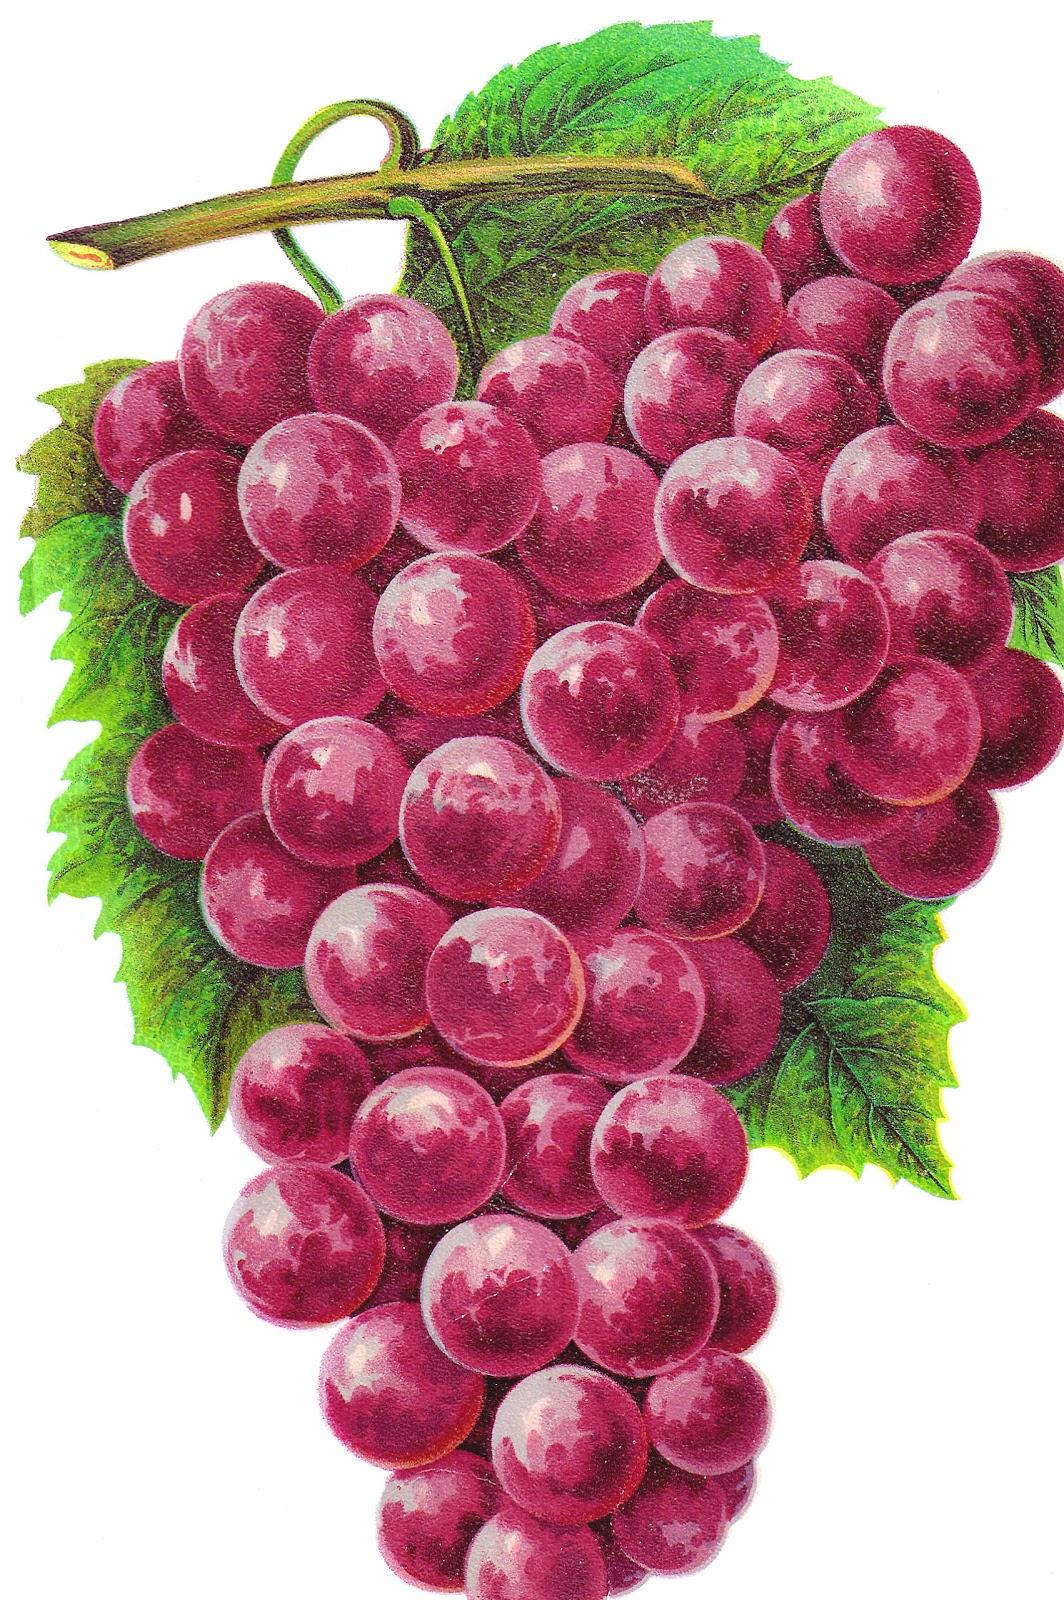 Antique Images: Free Clip Art of Fruit : Vintage Graphic ... (1064 x 1600 Pixel)